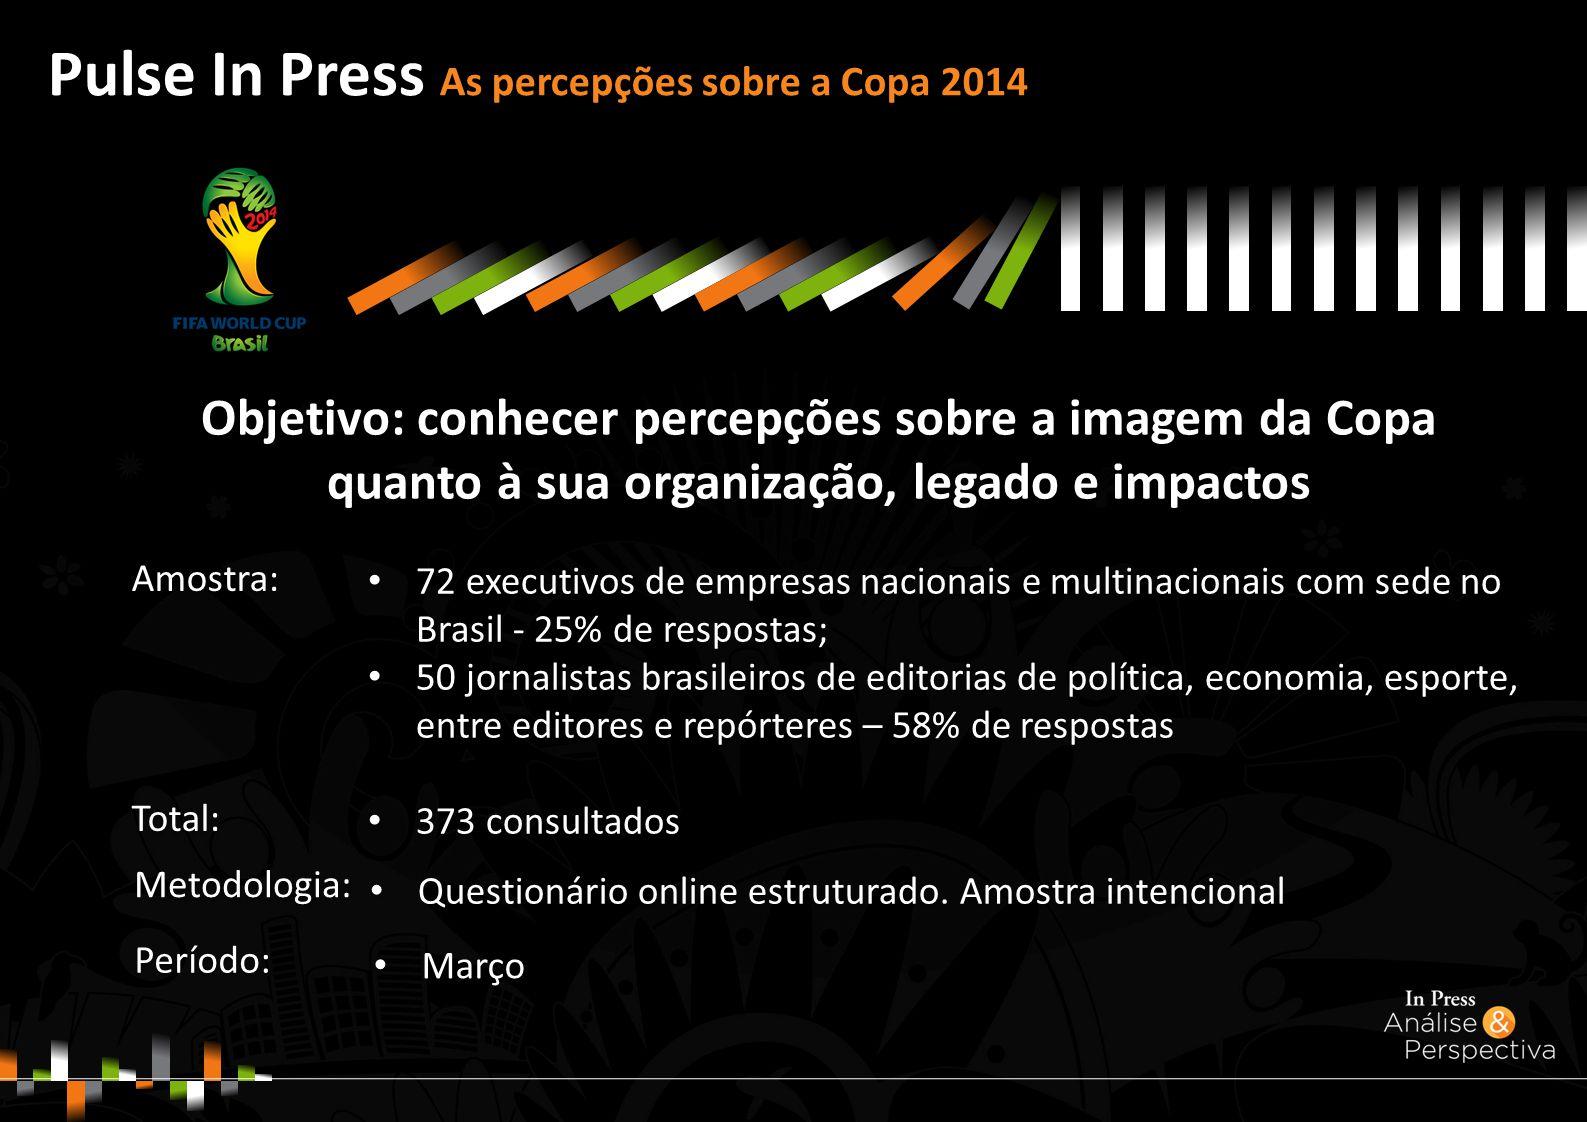 Objetivo: conhecer percepções sobre a imagem da Copa quanto à sua organização, legado e impactos Pulse In Press As percepções sobre a Copa 2014 Questionário online estruturado.